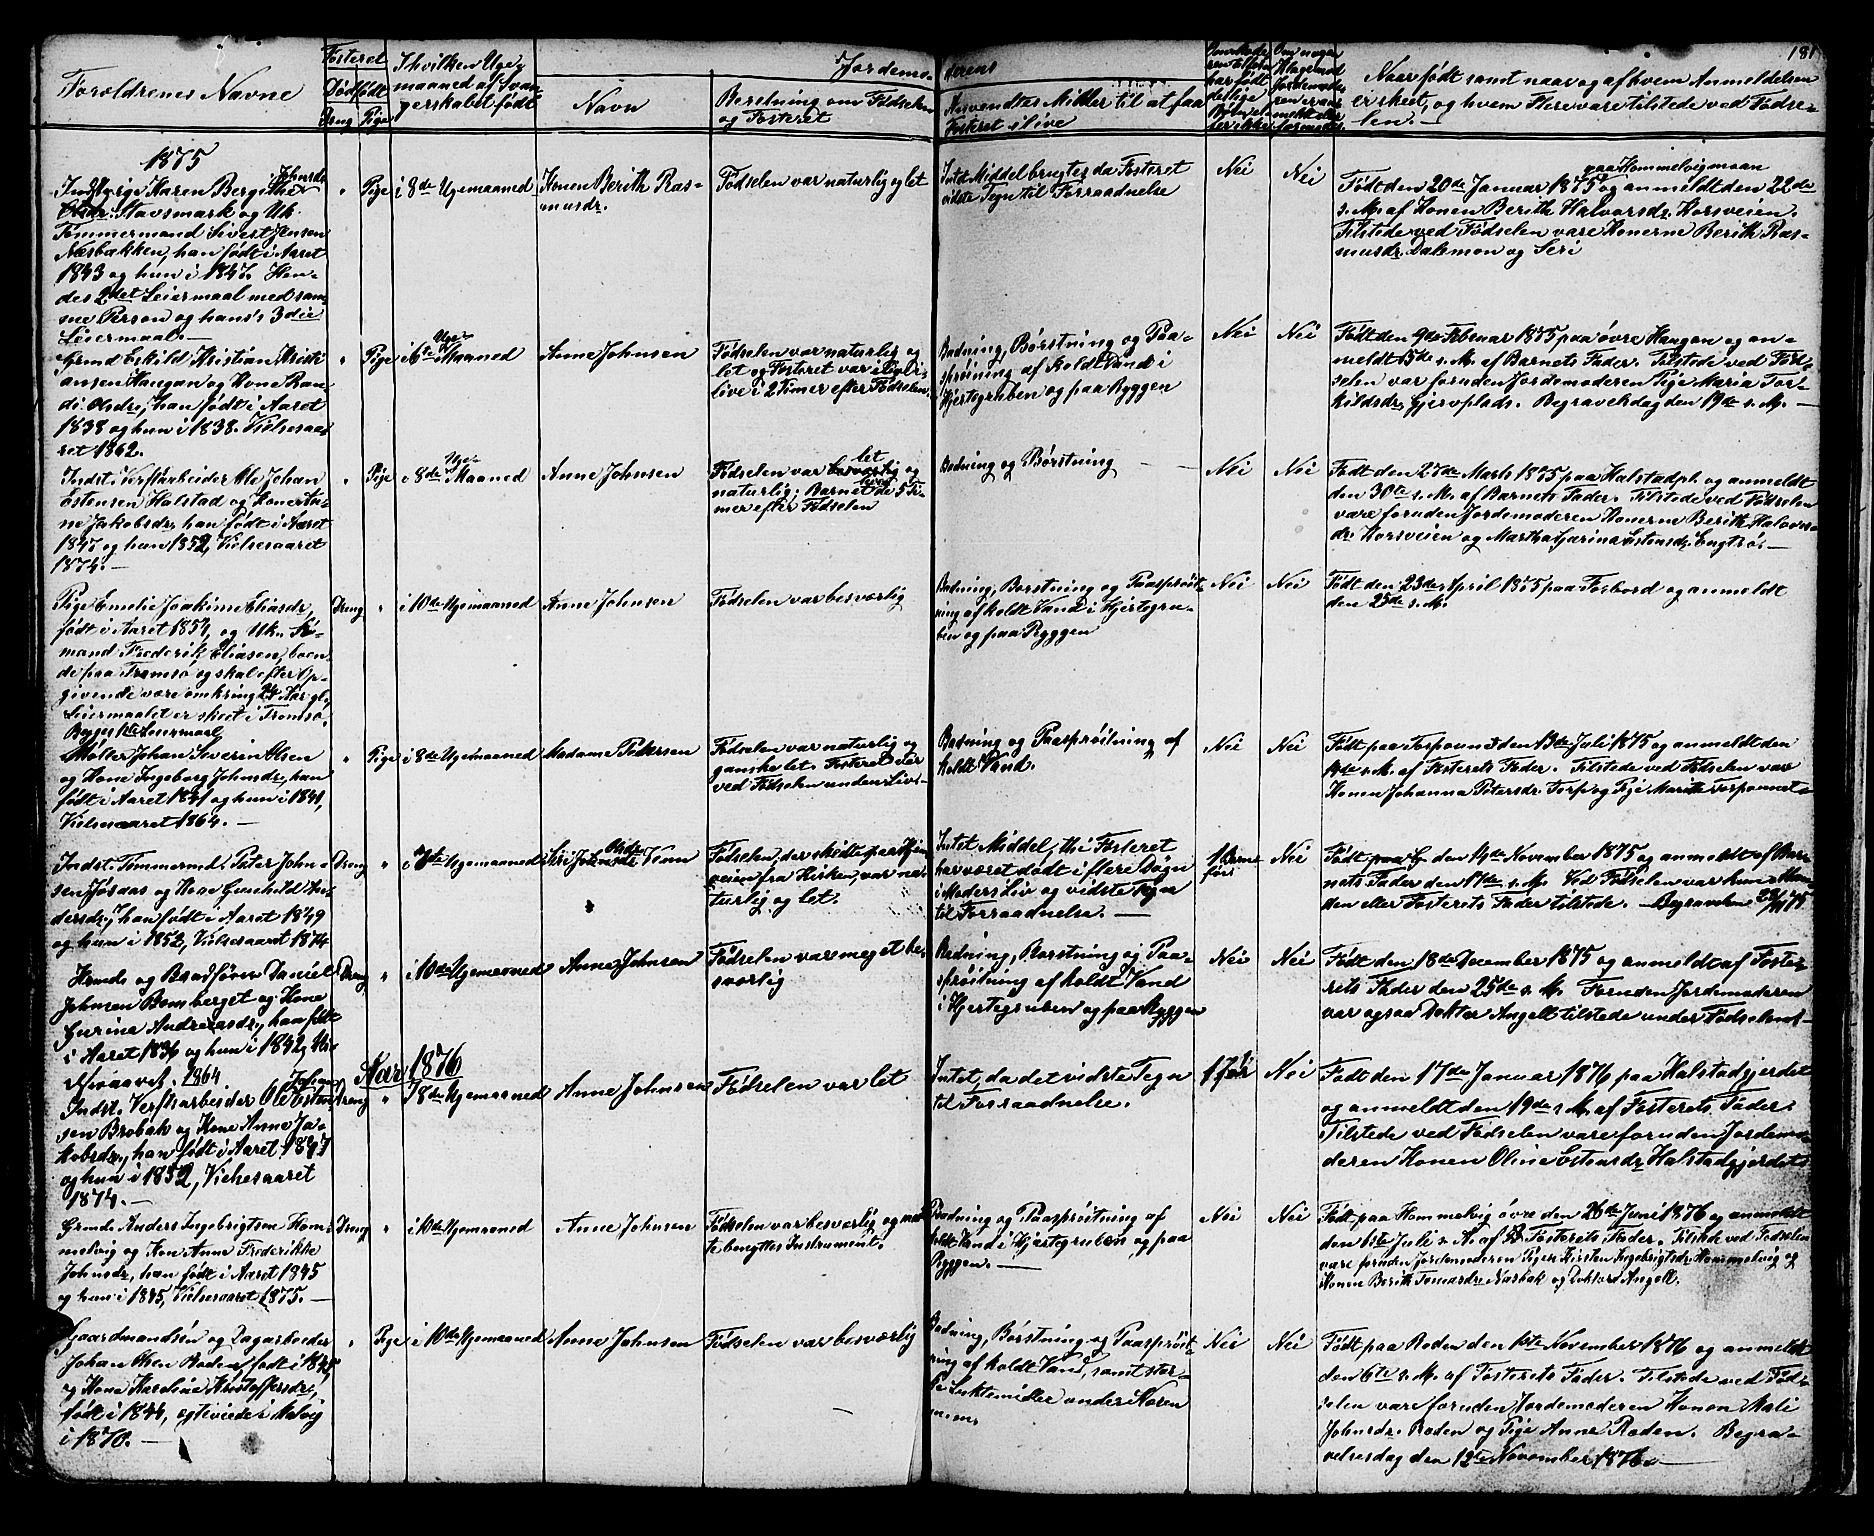 SAT, Ministerialprotokoller, klokkerbøker og fødselsregistre - Sør-Trøndelag, 616/L0422: Klokkerbok nr. 616C05, 1850-1888, s. 181